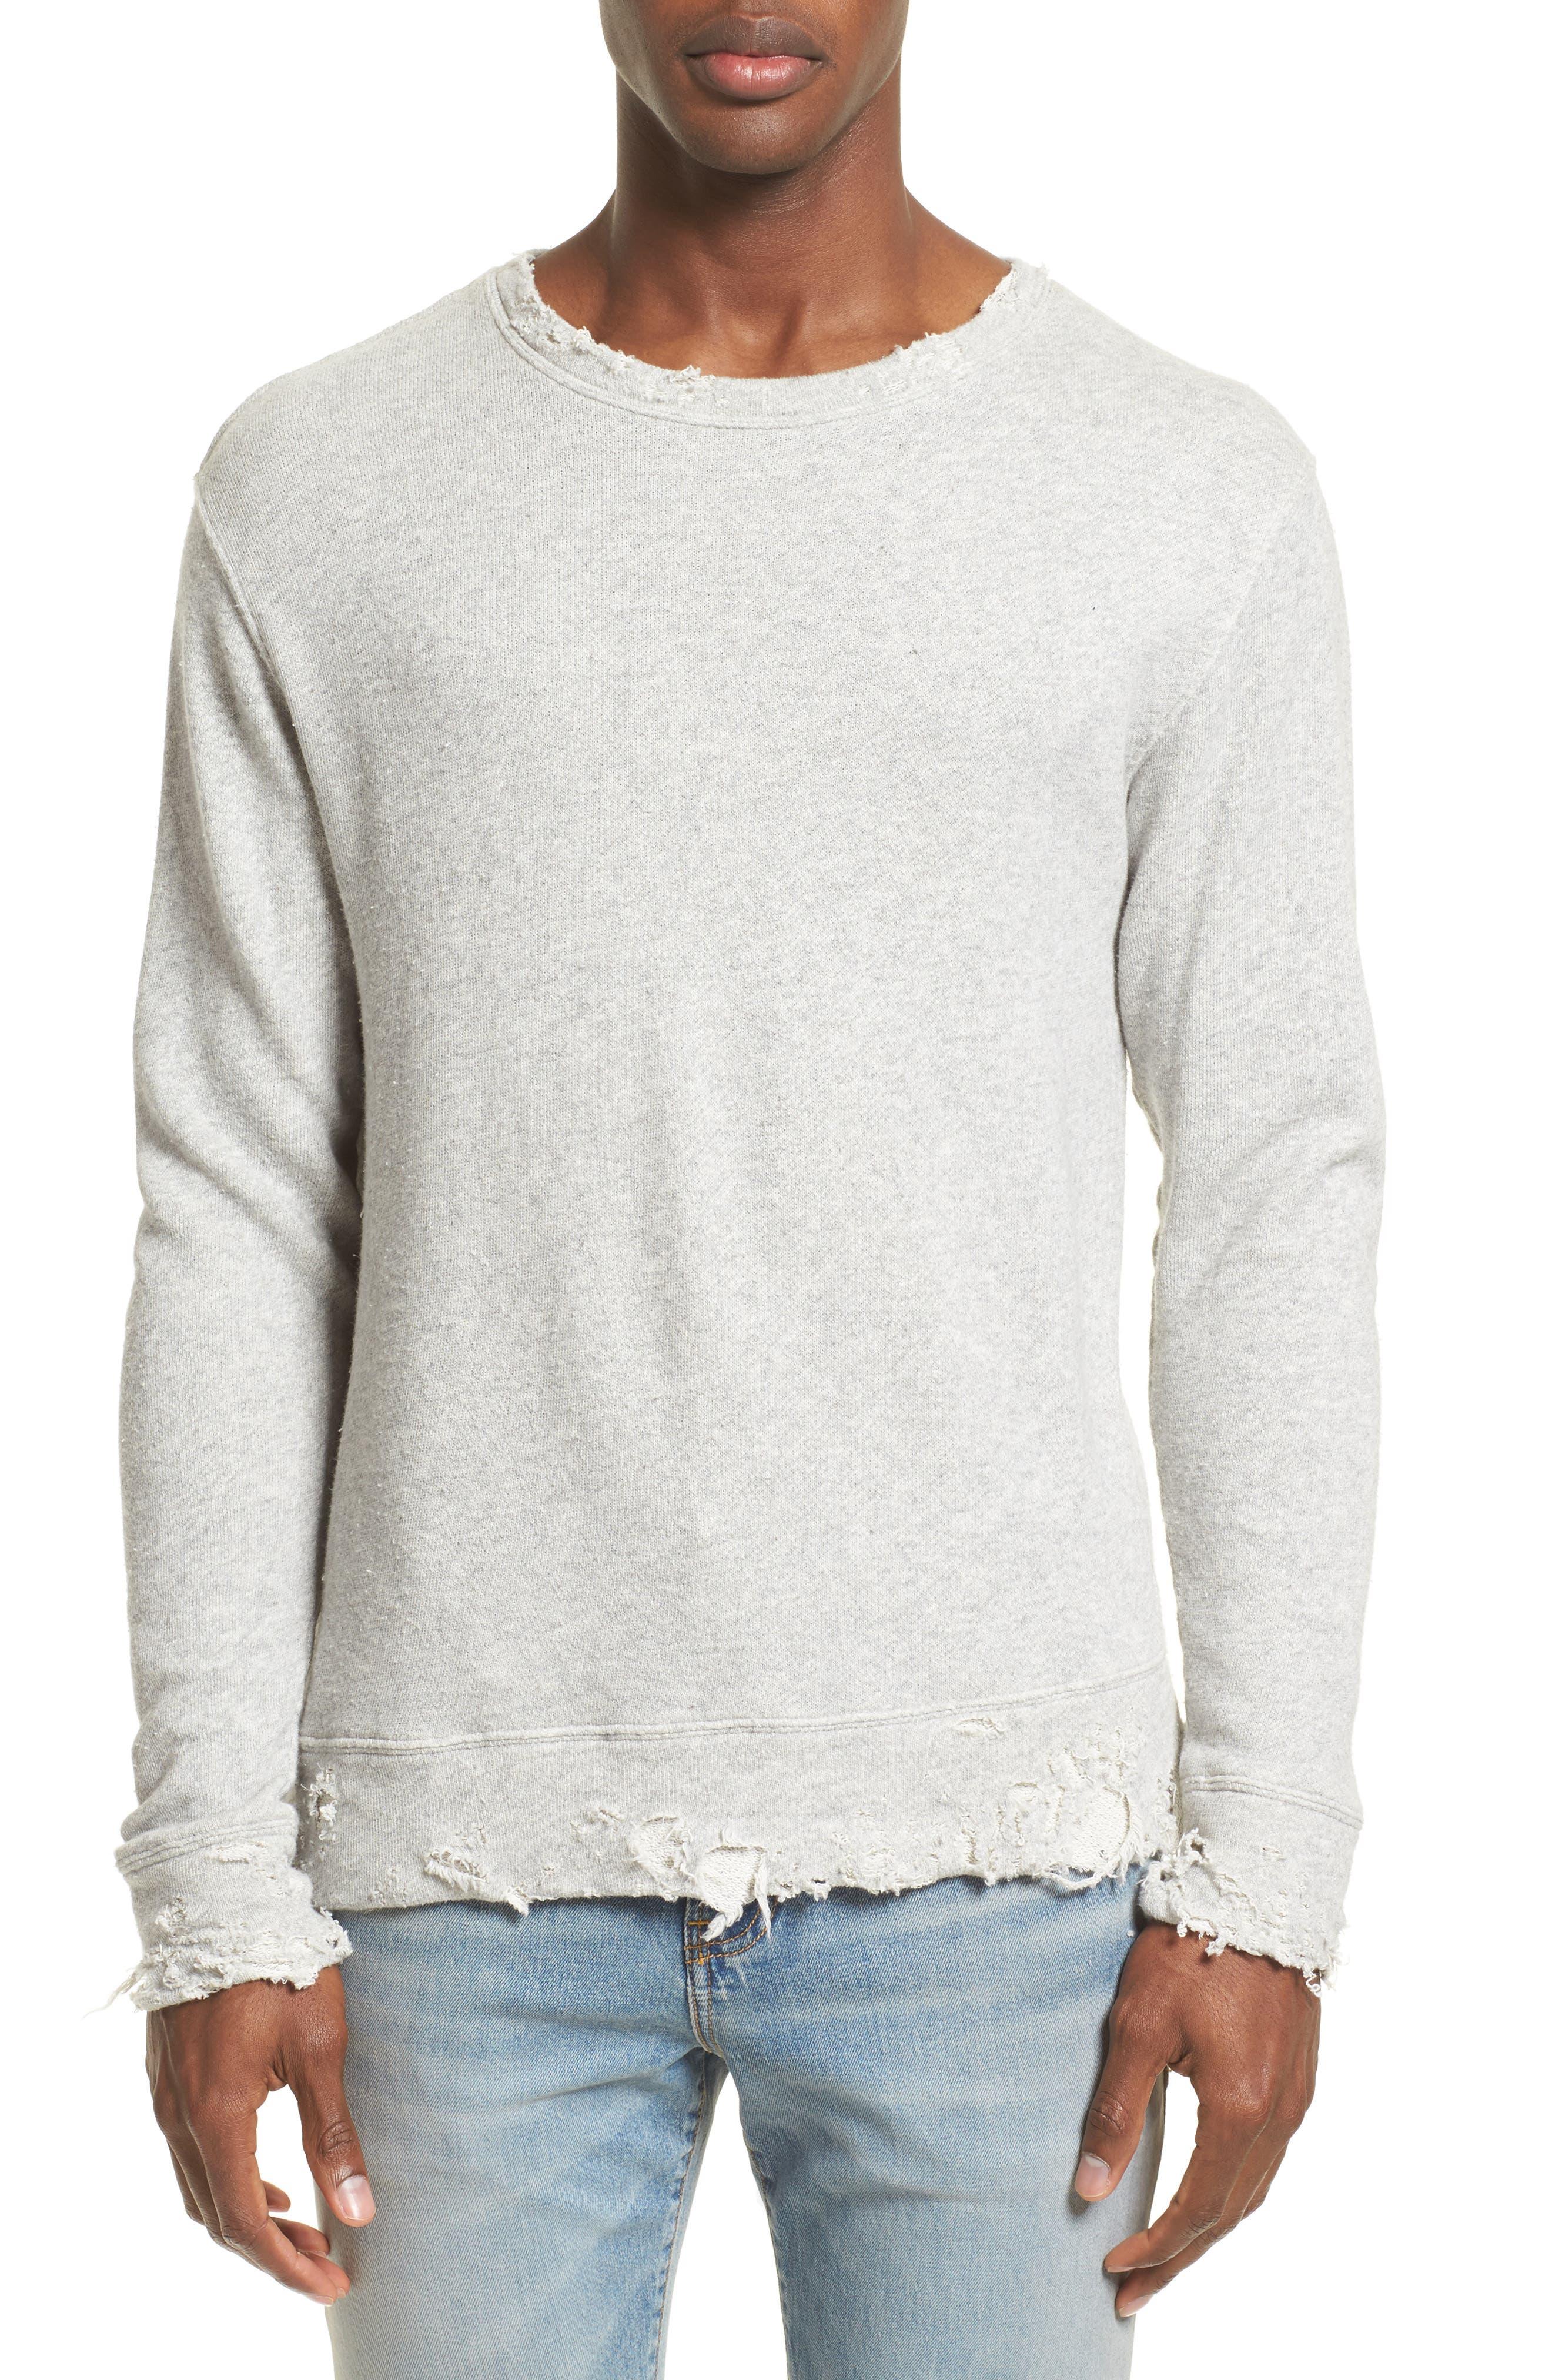 Main Image - R13 Vintage Distressed Sweatshirt